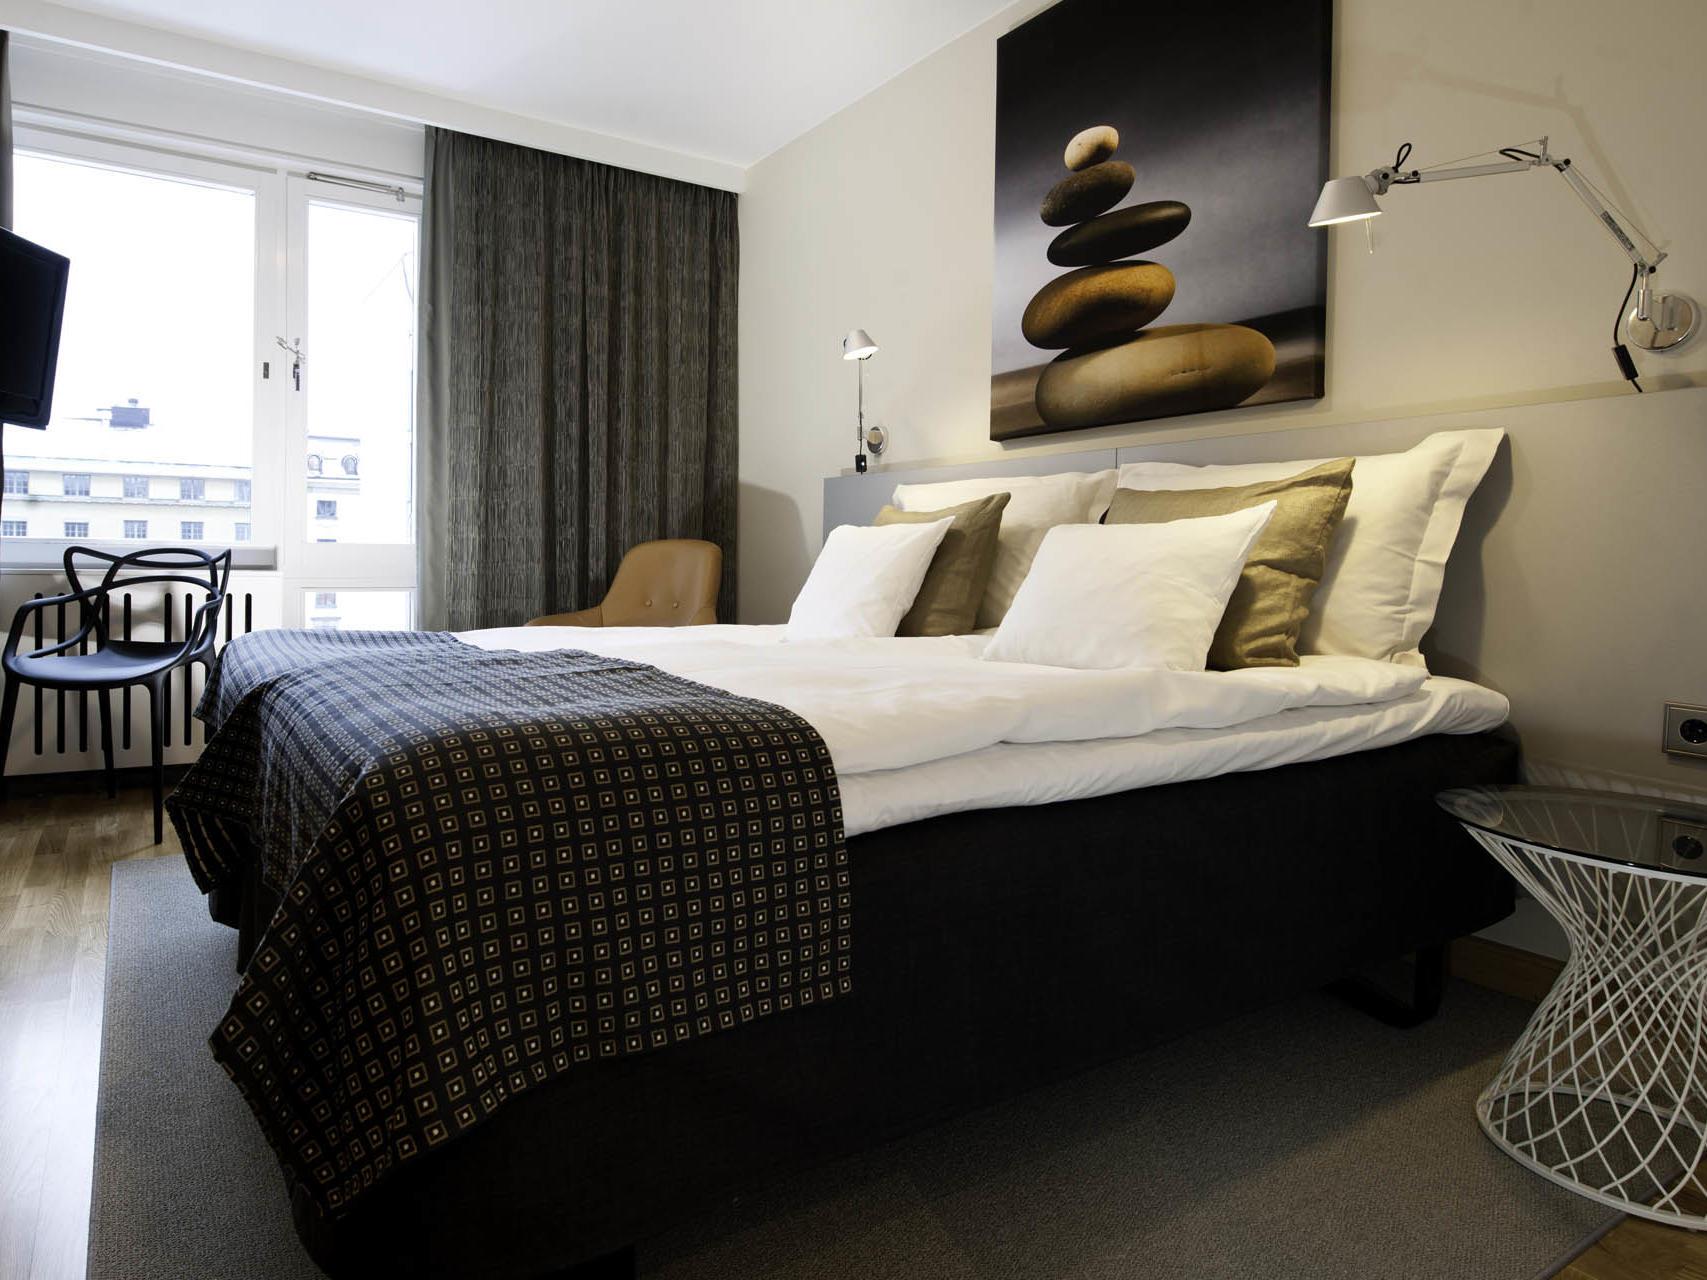 Double Standard Room at Hotel Birger Jarl in Stockholm, Sweden